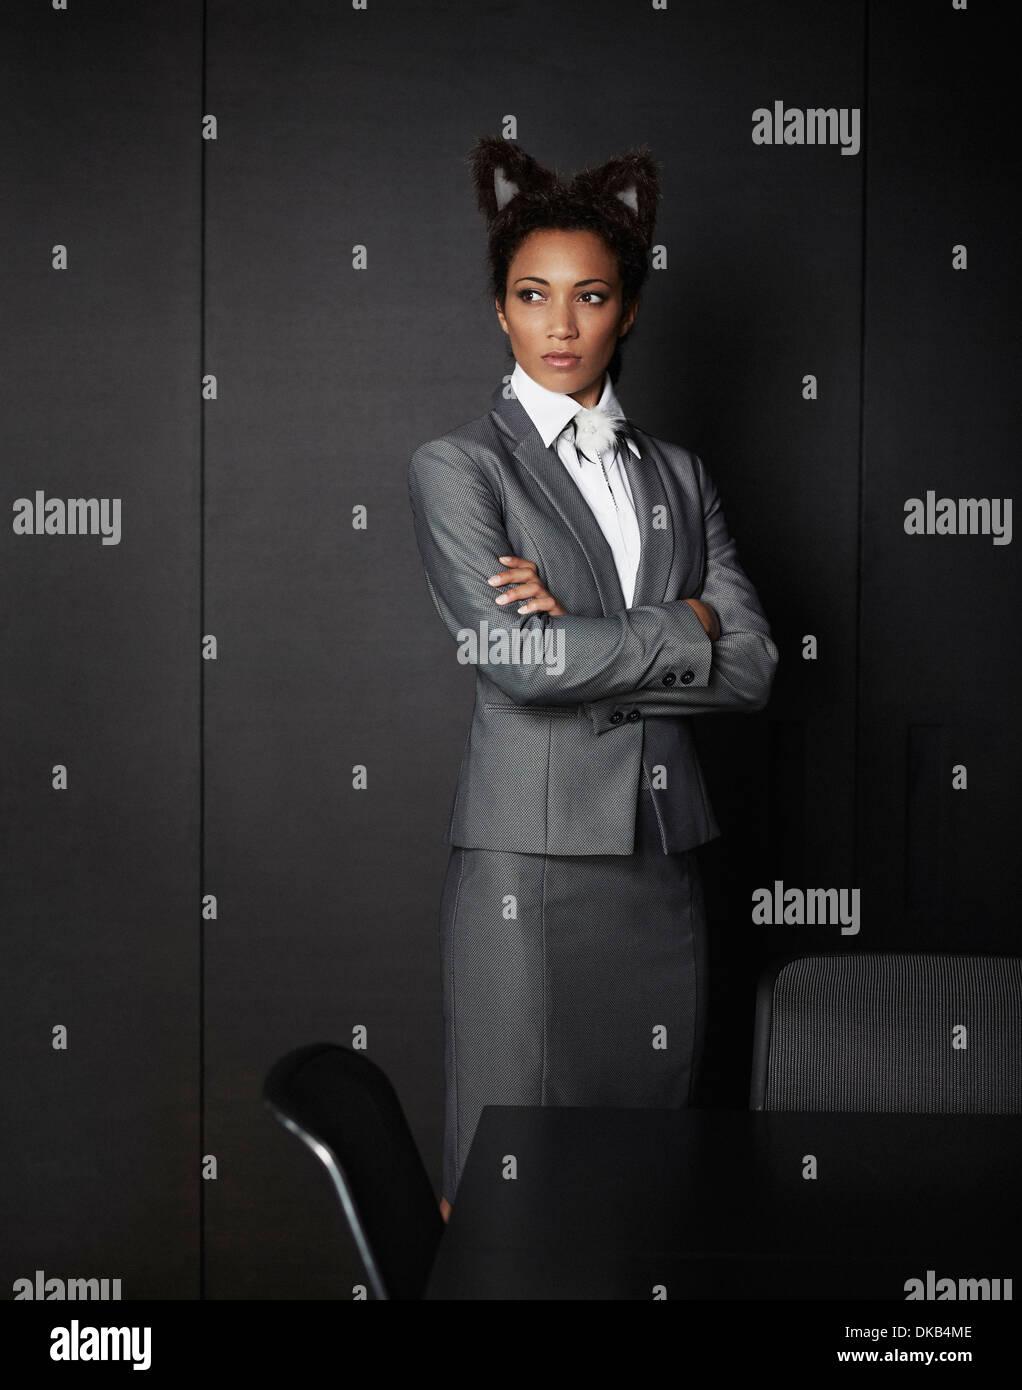 Geschäftsfrau tragen Kostüm Ohren Stockfoto